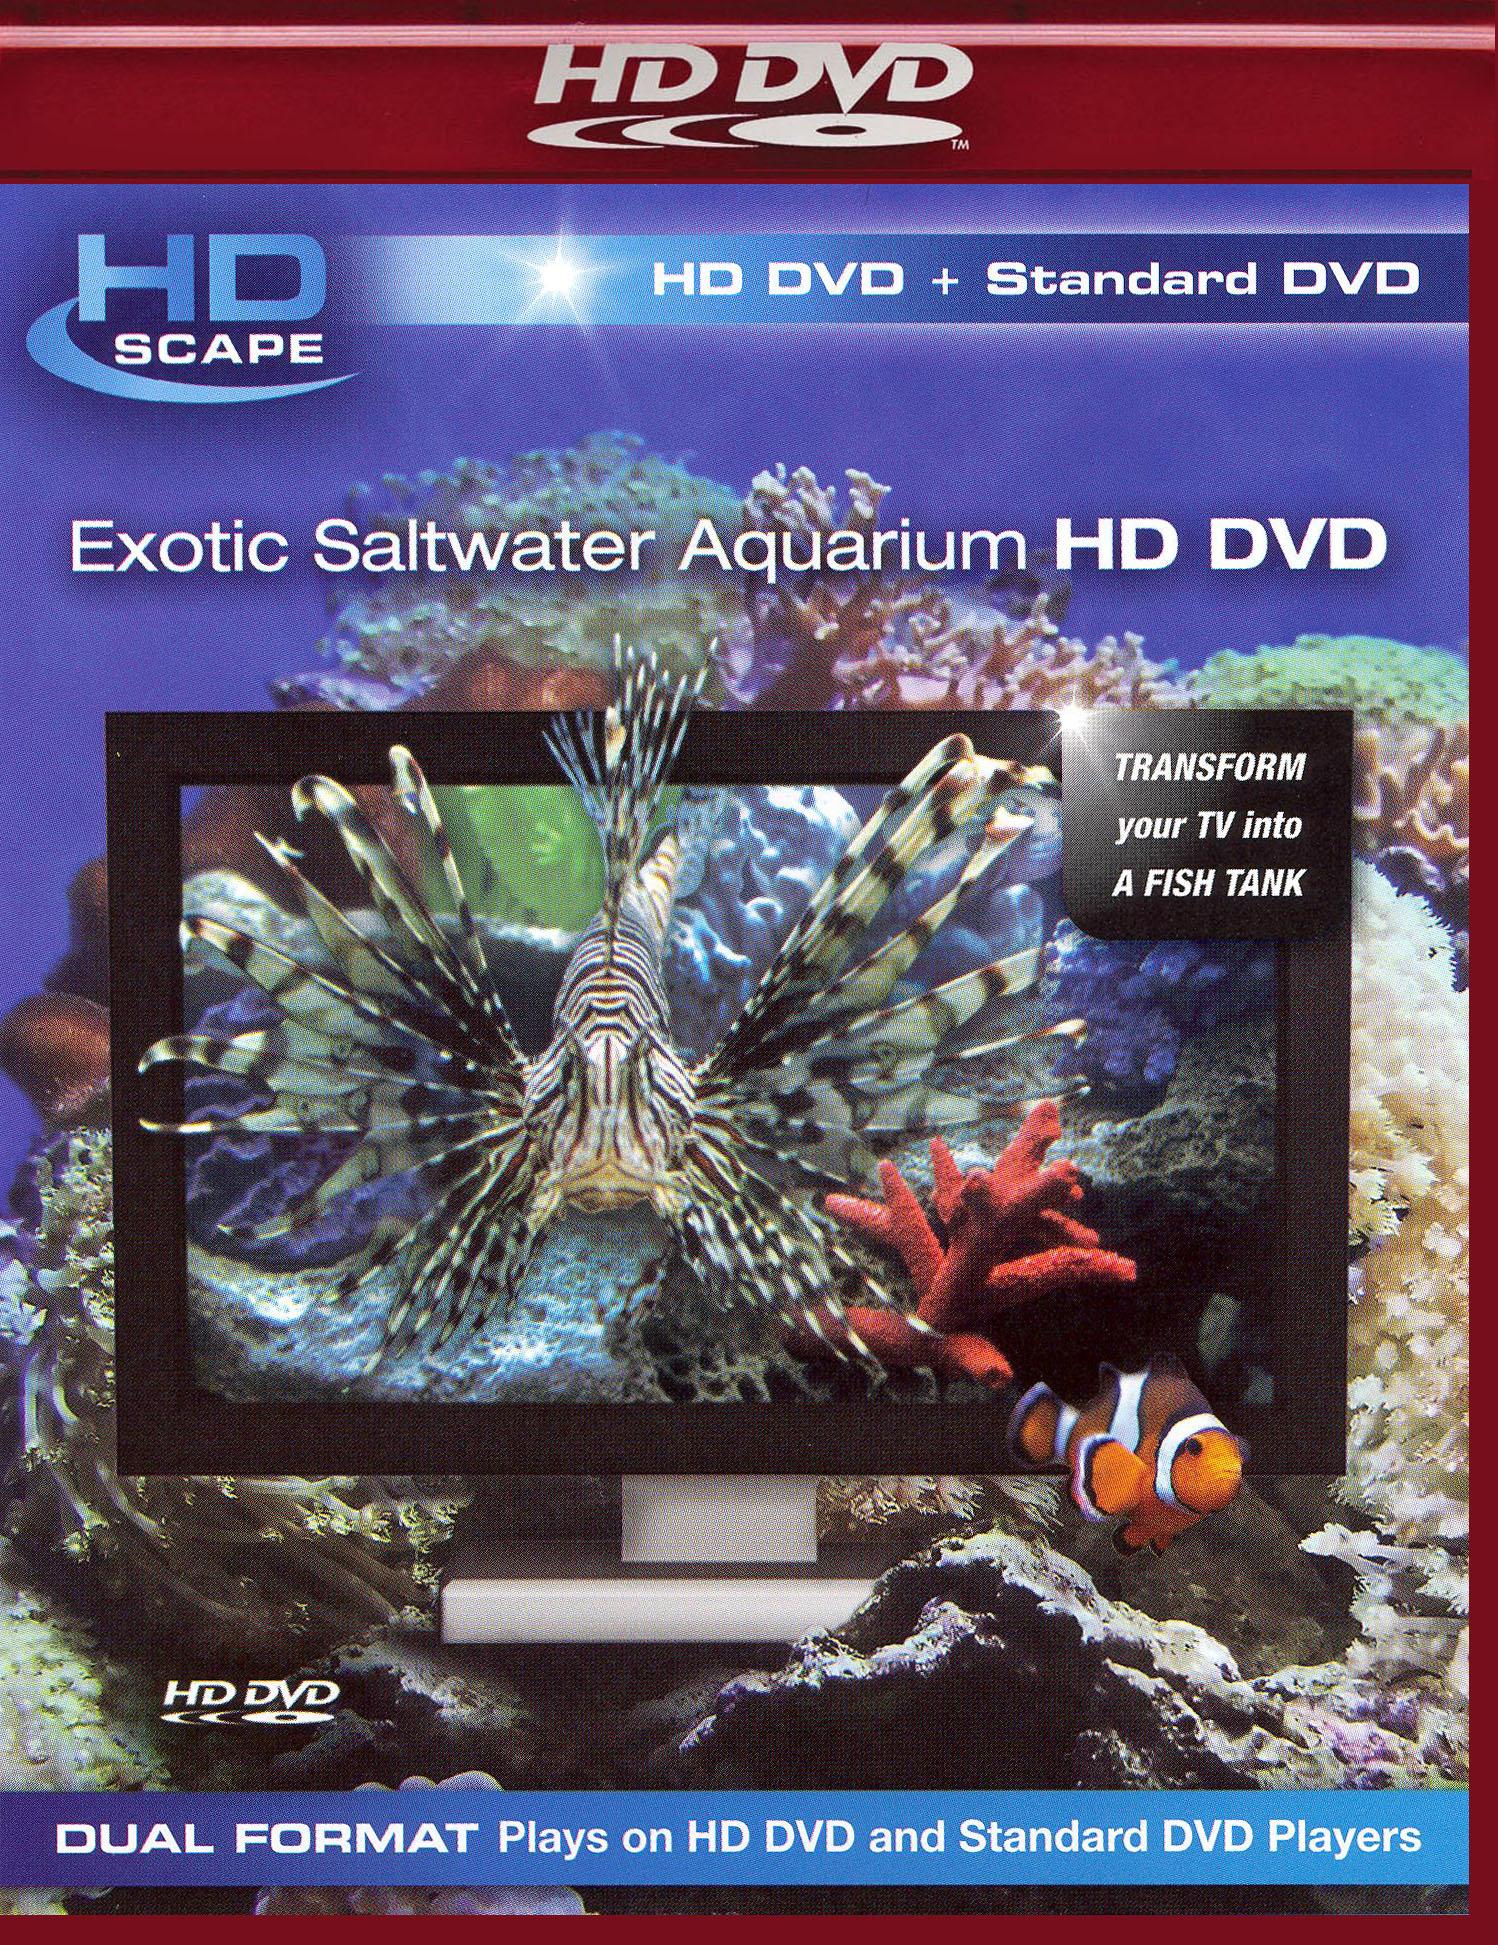 Exotic Saltwater Aquarium